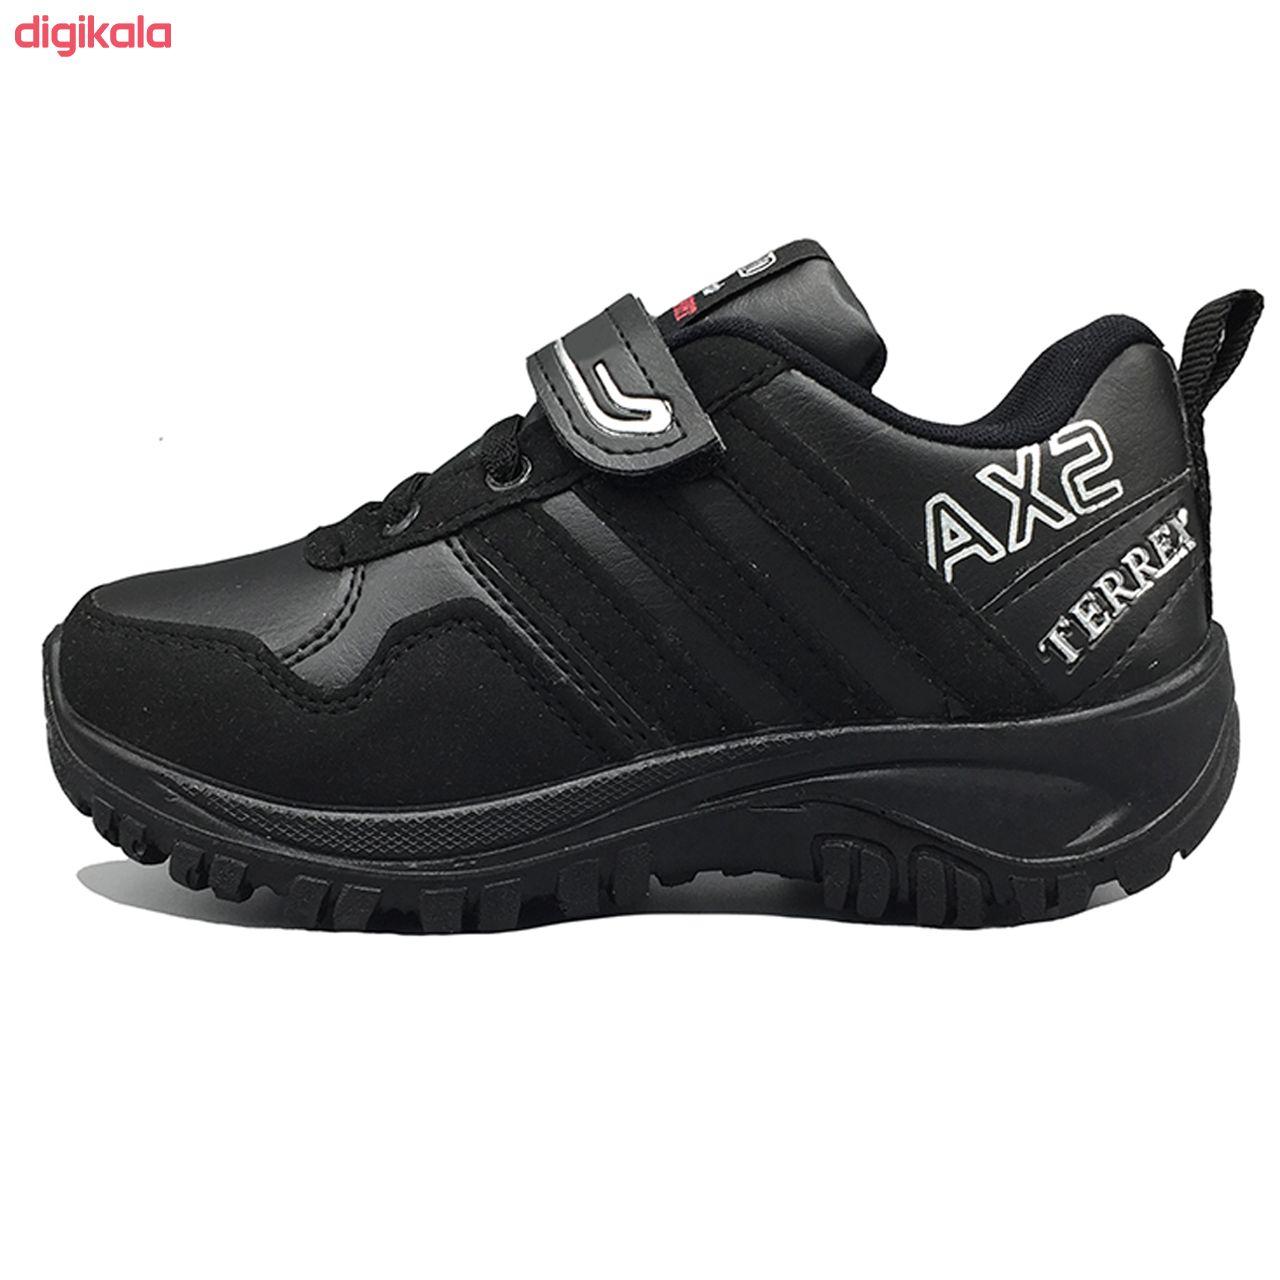 کفش مخصوص پیاده روی بچه گانه مدل TERREX-AX2-TME main 1 1